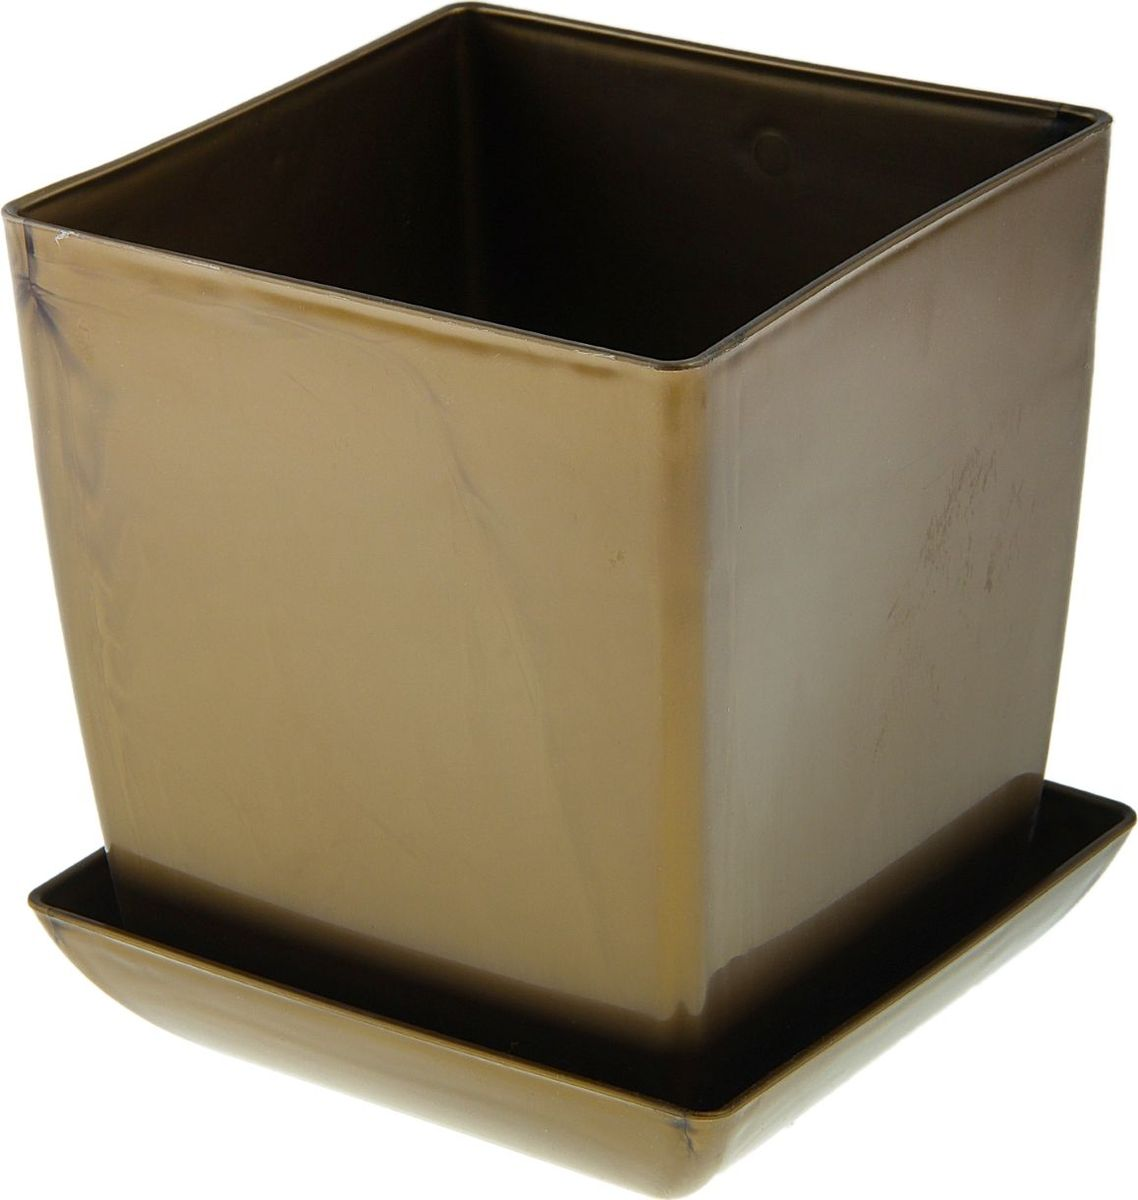 Горшок для цветов Мегапласт Квадрат, с поддоном, цвет: золотой, 3,5 л651043Любой, даже самый современный и продуманный интерьер будет не завершенным без растений. Они не только очищают воздух и насыщают его кислородом, но и заметно украшают окружающее пространство. Такому полезному члену семьи просто необходимо красивое и функциональное кашпо, оригинальный горшок или необычная ваза! Мы предлагаем - Горшок для цветов с поддоном 16х16 см Квадрат 3,5 л, цвет белый перламутр! Оптимальный выбор материала - это пластмасса! Почему мы так считаем? Малый вес. С легкостью переносите горшки и кашпо с места на место, ставьте их на столики или полки, подвешивайте под потолок, не беспокоясь о нагрузке. Простота ухода. Пластиковые изделия не нуждаются в специальных условиях хранения. Их легко чистить достаточно просто сполоснуть теплой водой. Никаких царапин. Пластиковые кашпо не царапают и не загрязняют поверхности, на которых стоят. Пластик дольше хранит влагу, а значит растение реже нуждается в поливе. Пластмасса не пропускает воздух корневой системе растения не грозят резкие перепады температур. Огромный выбор форм, декора и расцветок вы без труда подберете что-то, что идеально впишется в уже существующий интерьер. Соблюдая нехитрые правила ухода, вы можете заметно продлить срок службы горшков, вазонов и кашпо из пластика: всегда учитывайте размер кроны и корневой системы растения (при разрастании большое растение способно повредить маленький горшок) берегите изделие от воздействия прямых солнечных лучей, чтобы кашпо и горшки не выцветали держите кашпо и горшки из пластика подальше от нагревающихся поверхностей. Создавайте прекрасные цветочные композиции, выращивайте рассаду или необычные растения, а низкие цены позволят вам не ограничивать себя в выборе.